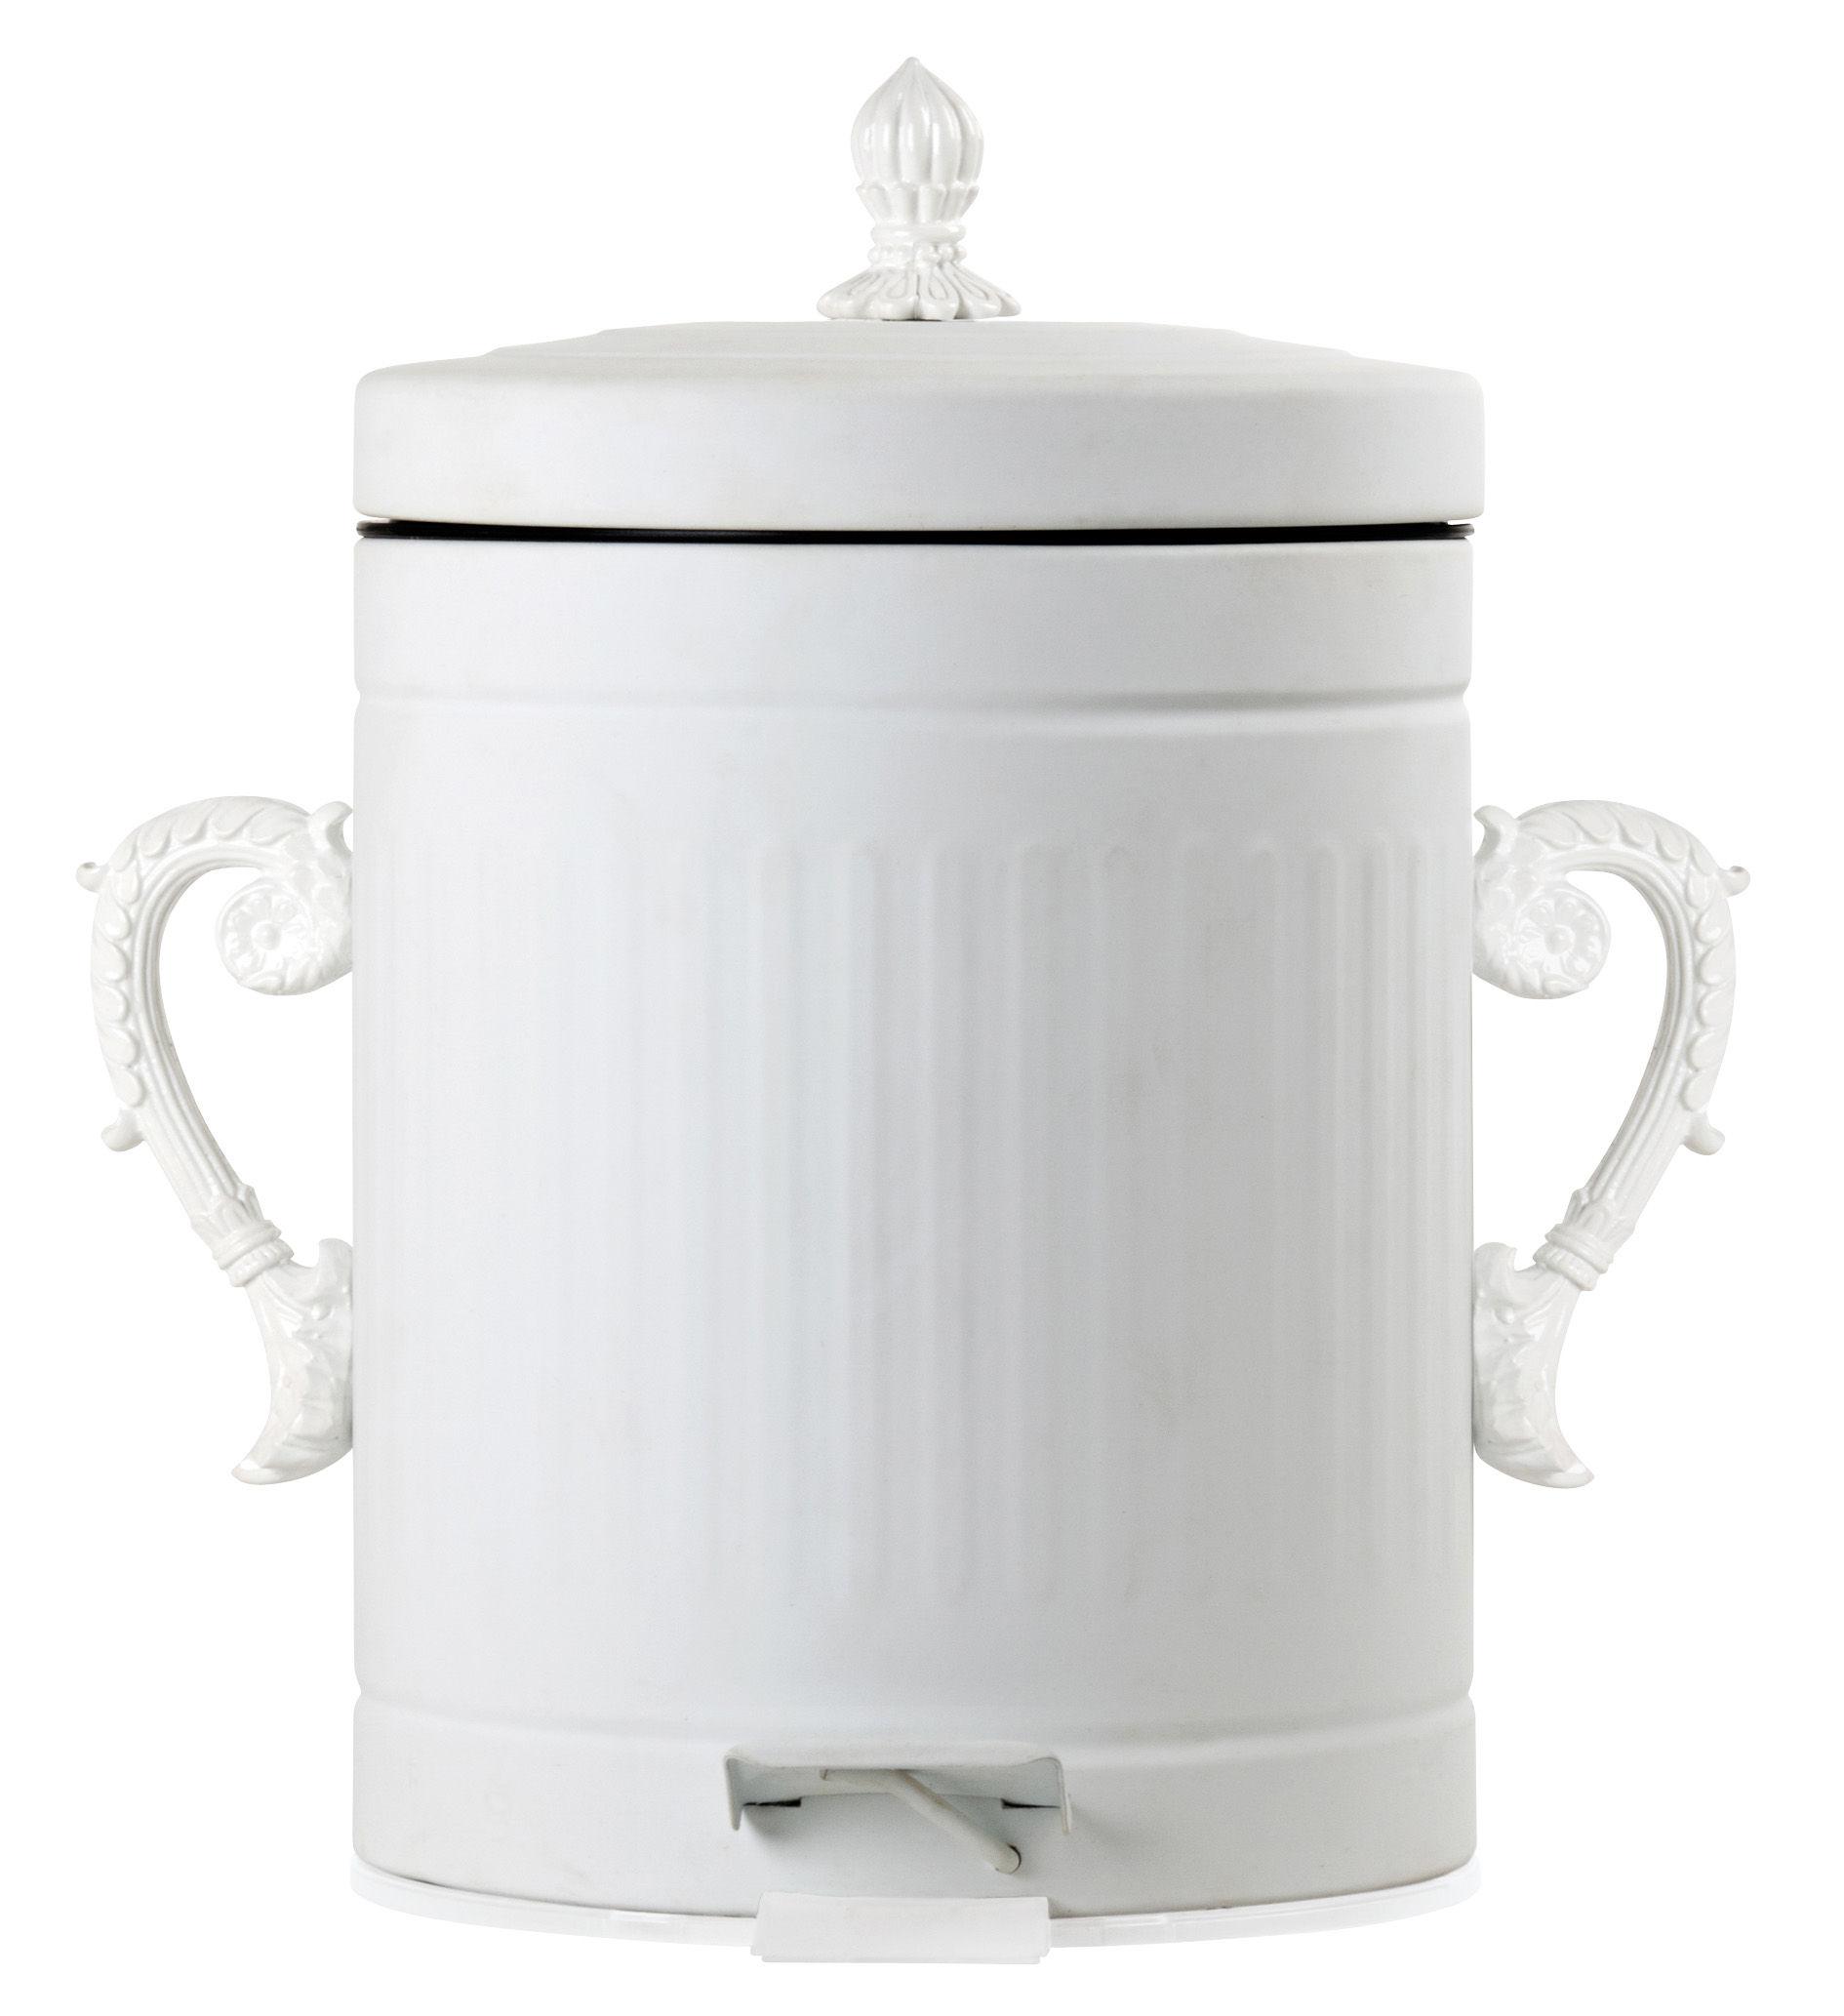 Mülleimer Trash Chic von Seletti - Weiß - 5 L - h 28.5 x Ø 20.5 ...